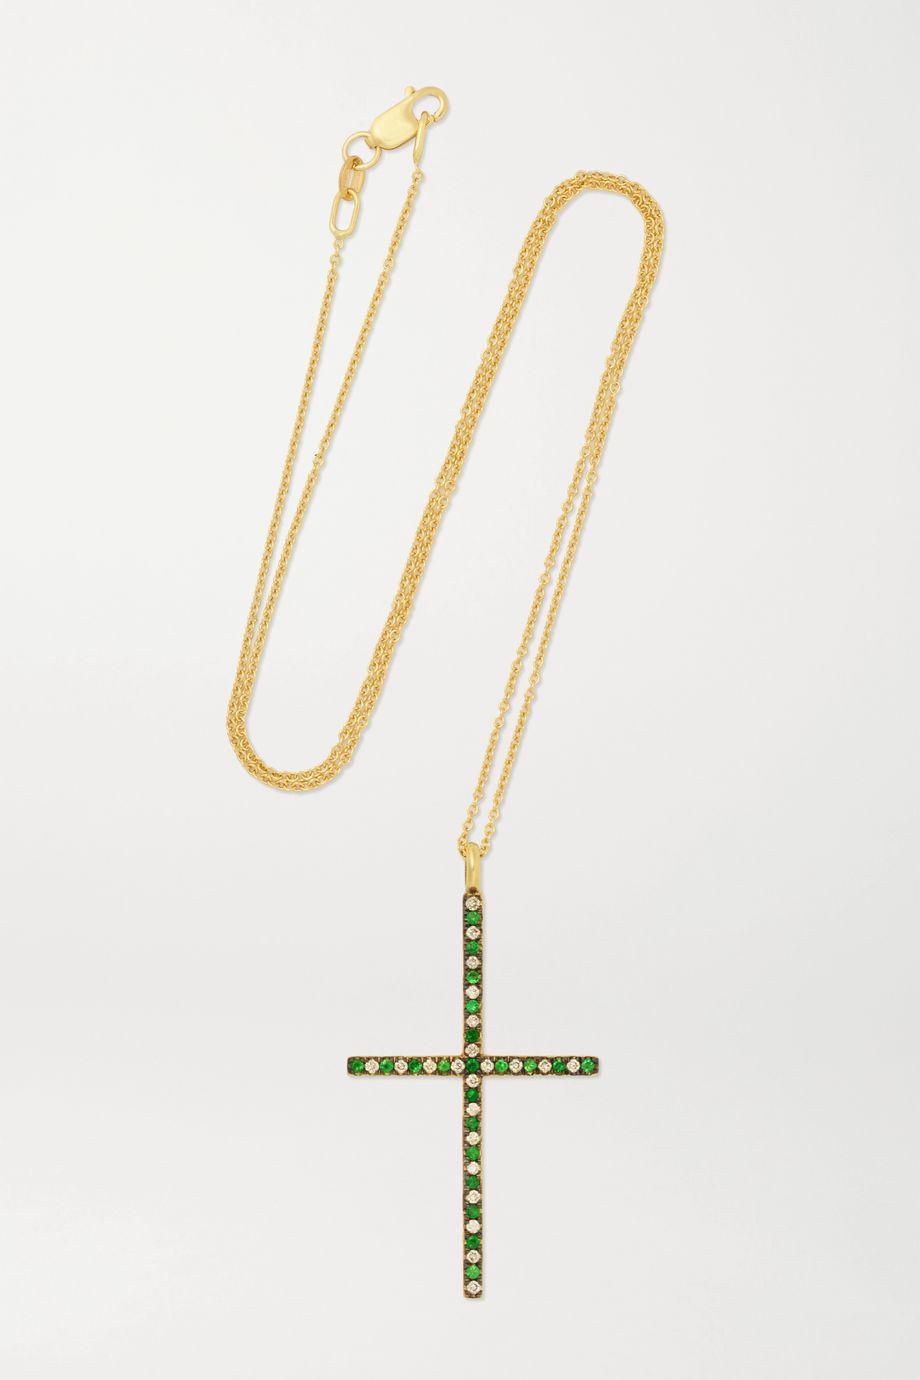 Ileana Makri Kette aus 18 Karat Gold mit Tsavoriten und Diamanten